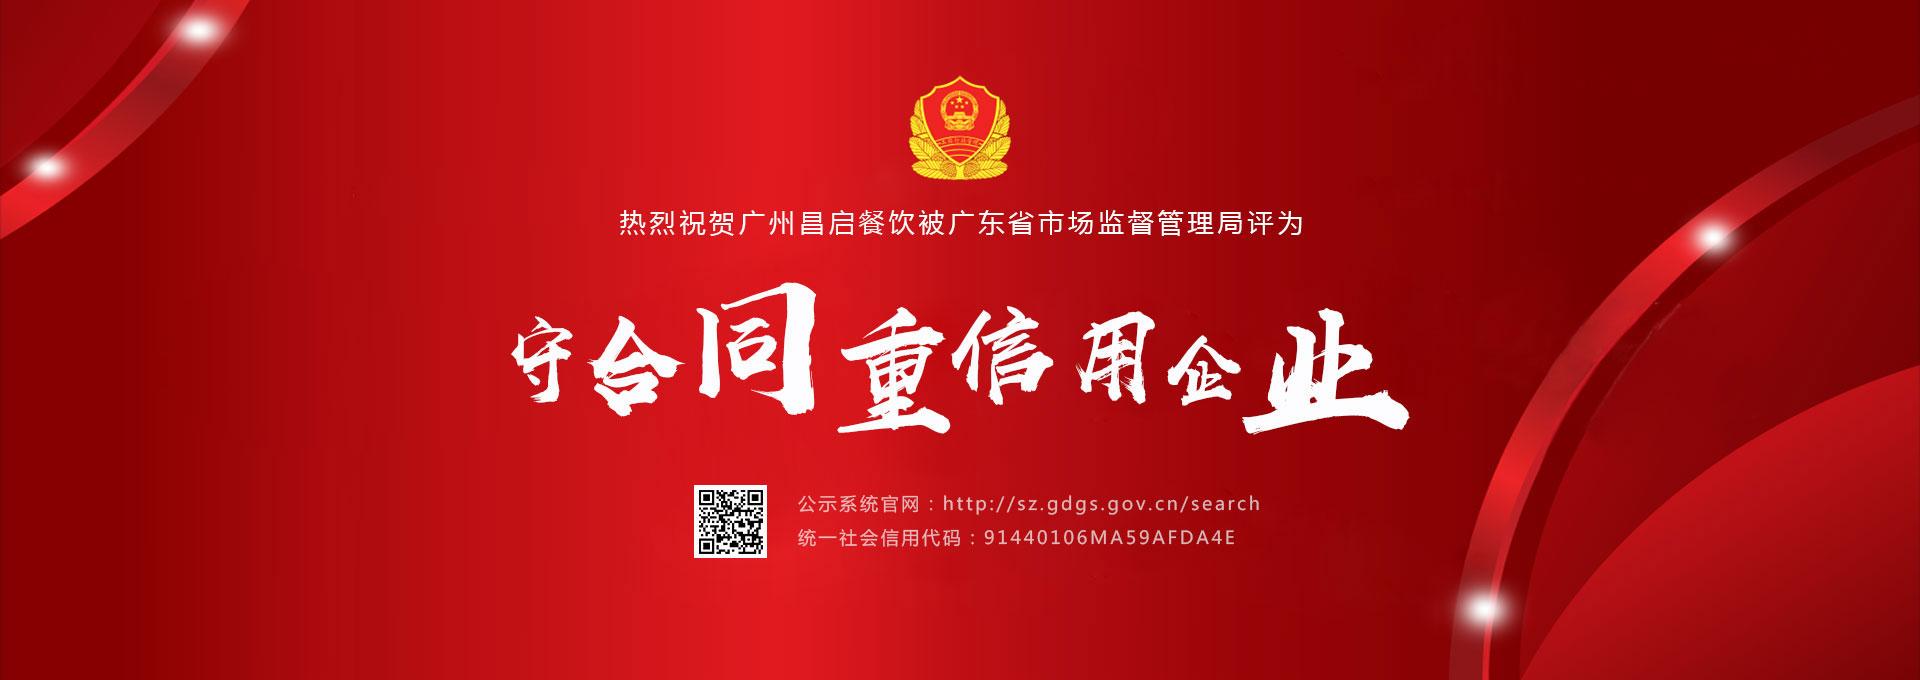 省守合同重信用企业_昌启餐饮加盟网